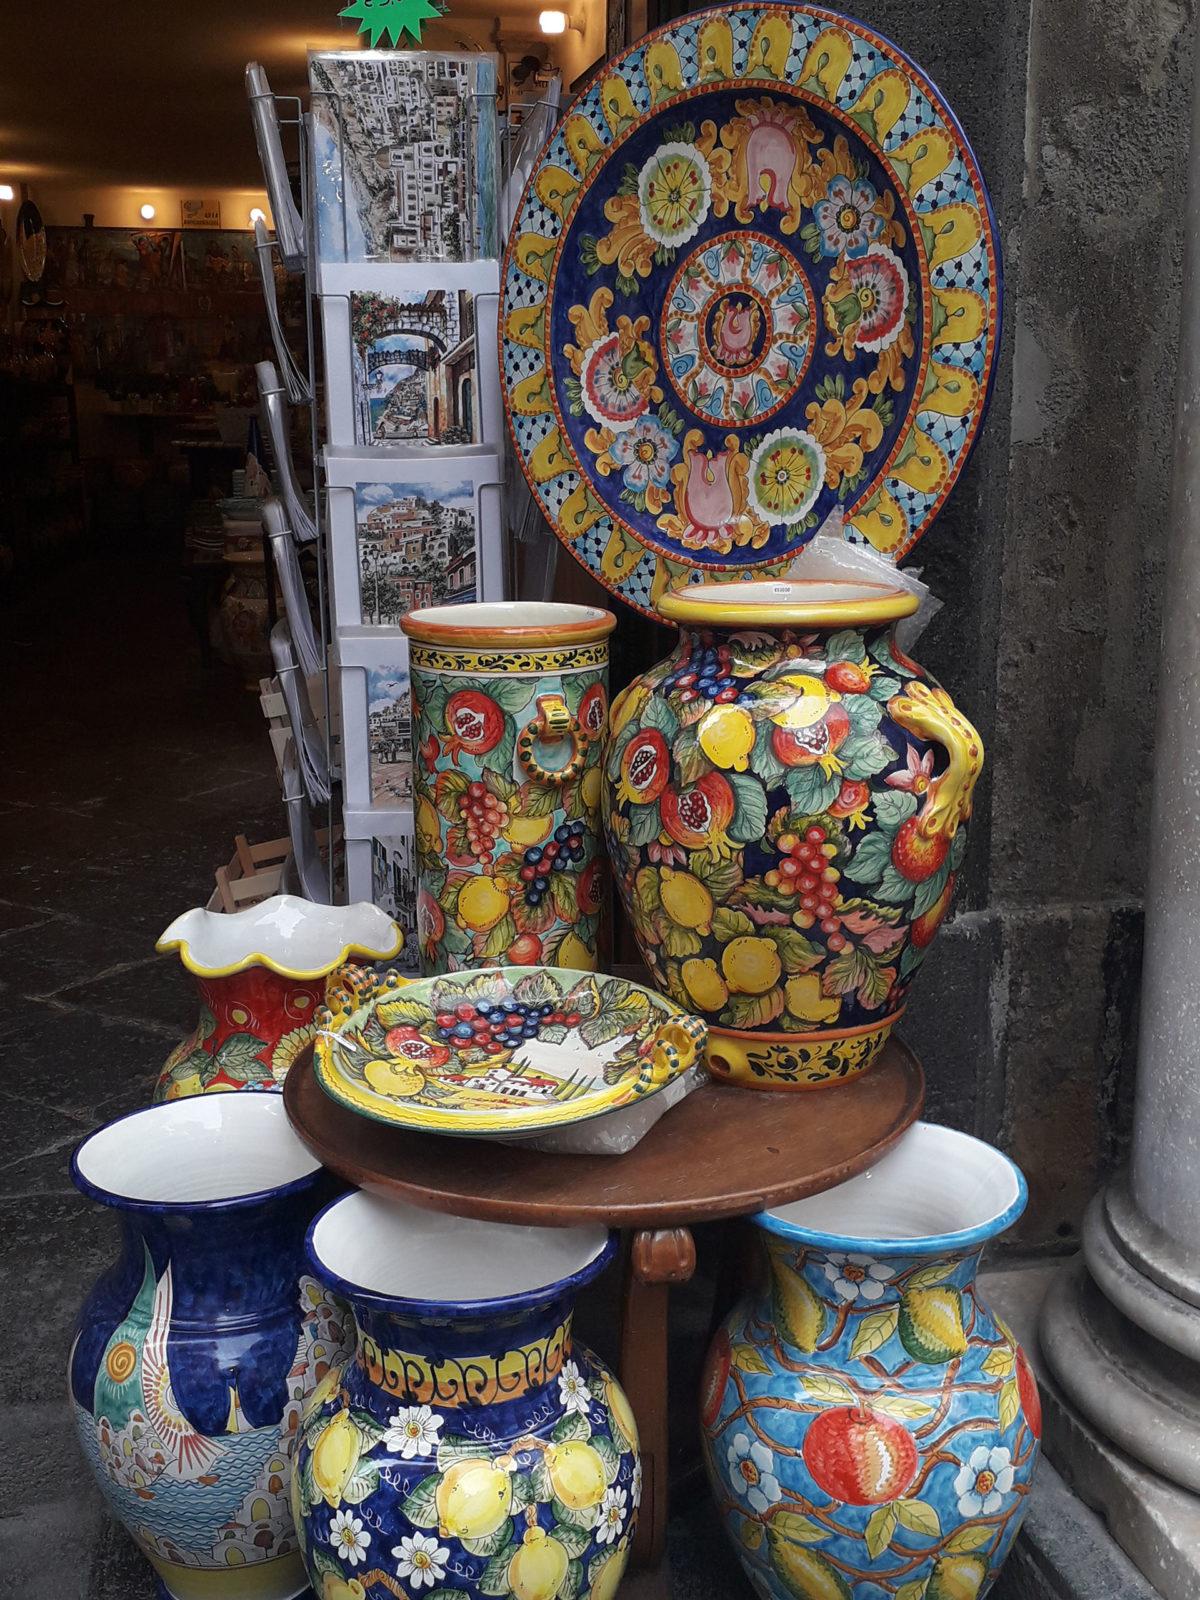 Nella foto sono presenti ceramiche locali